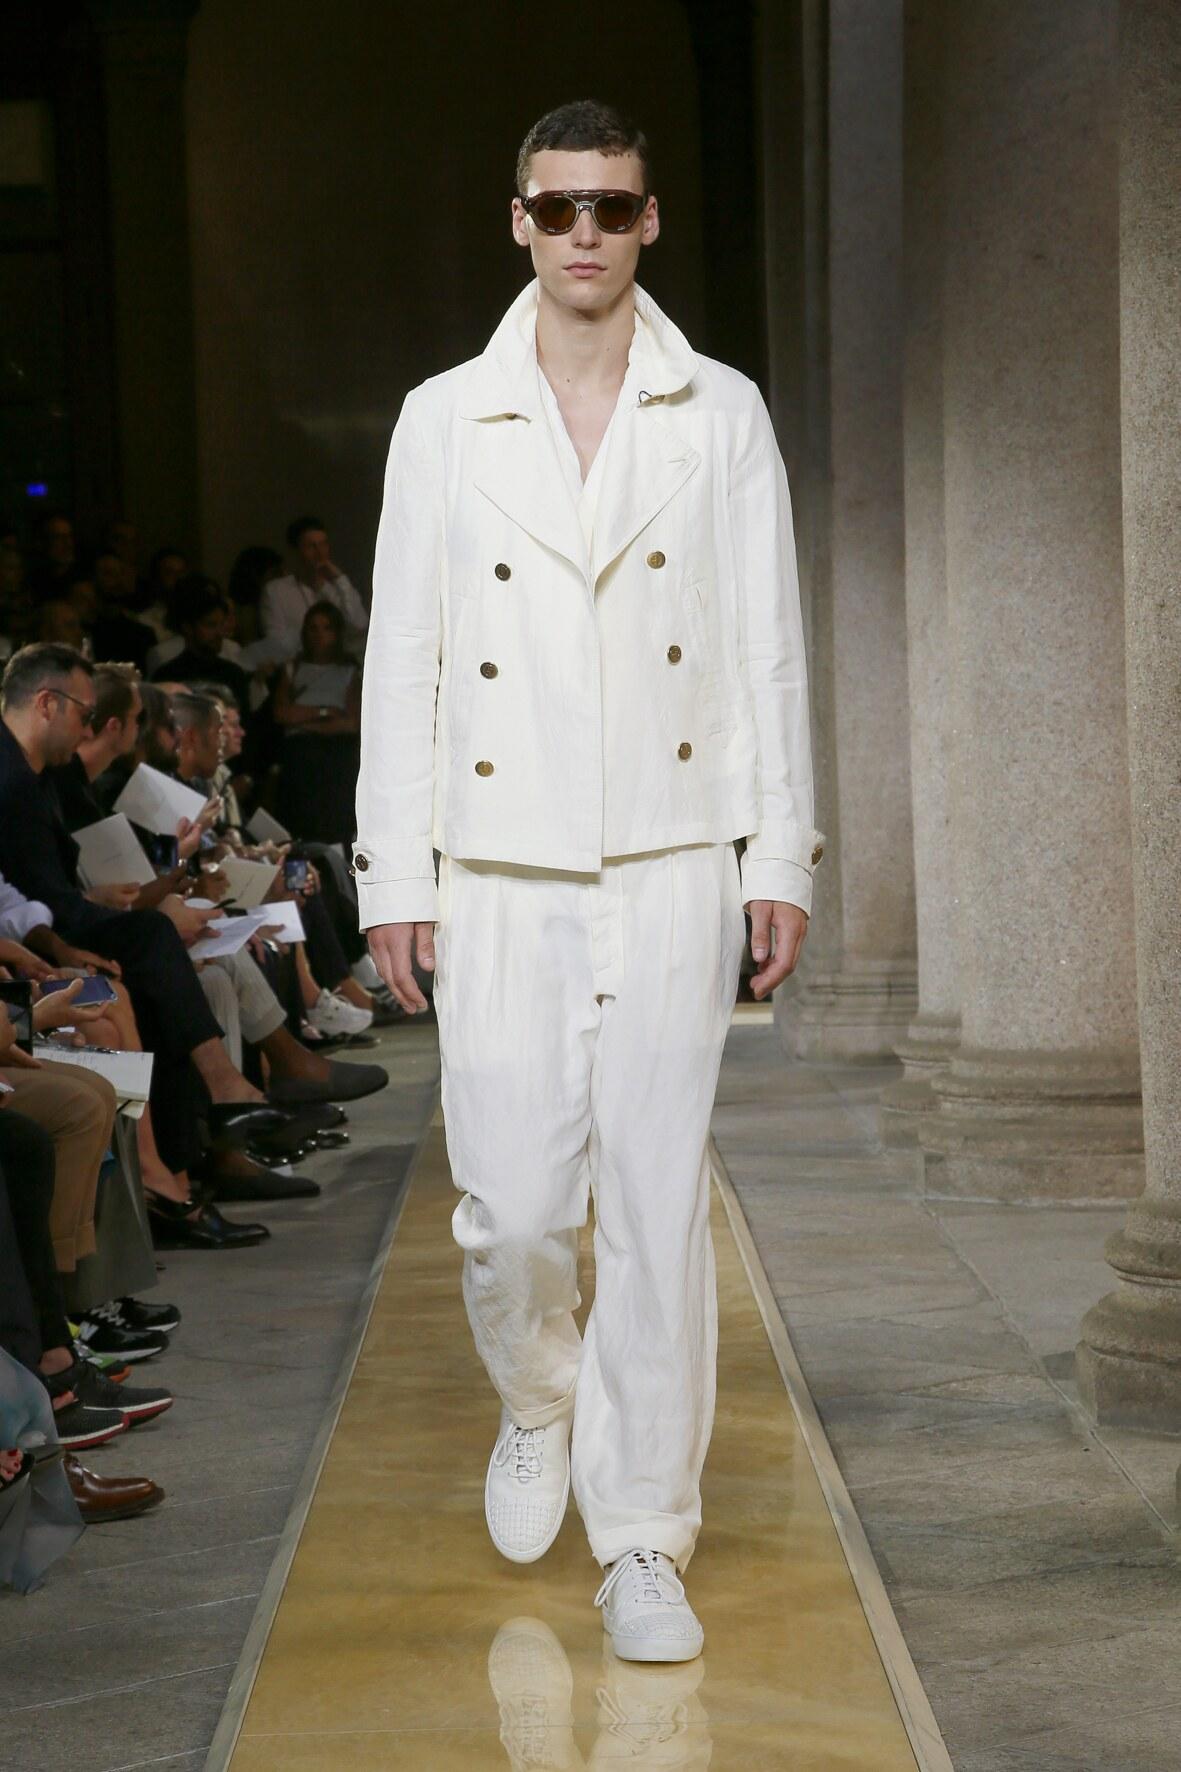 Giorgio Armani Menswear Collection Trends